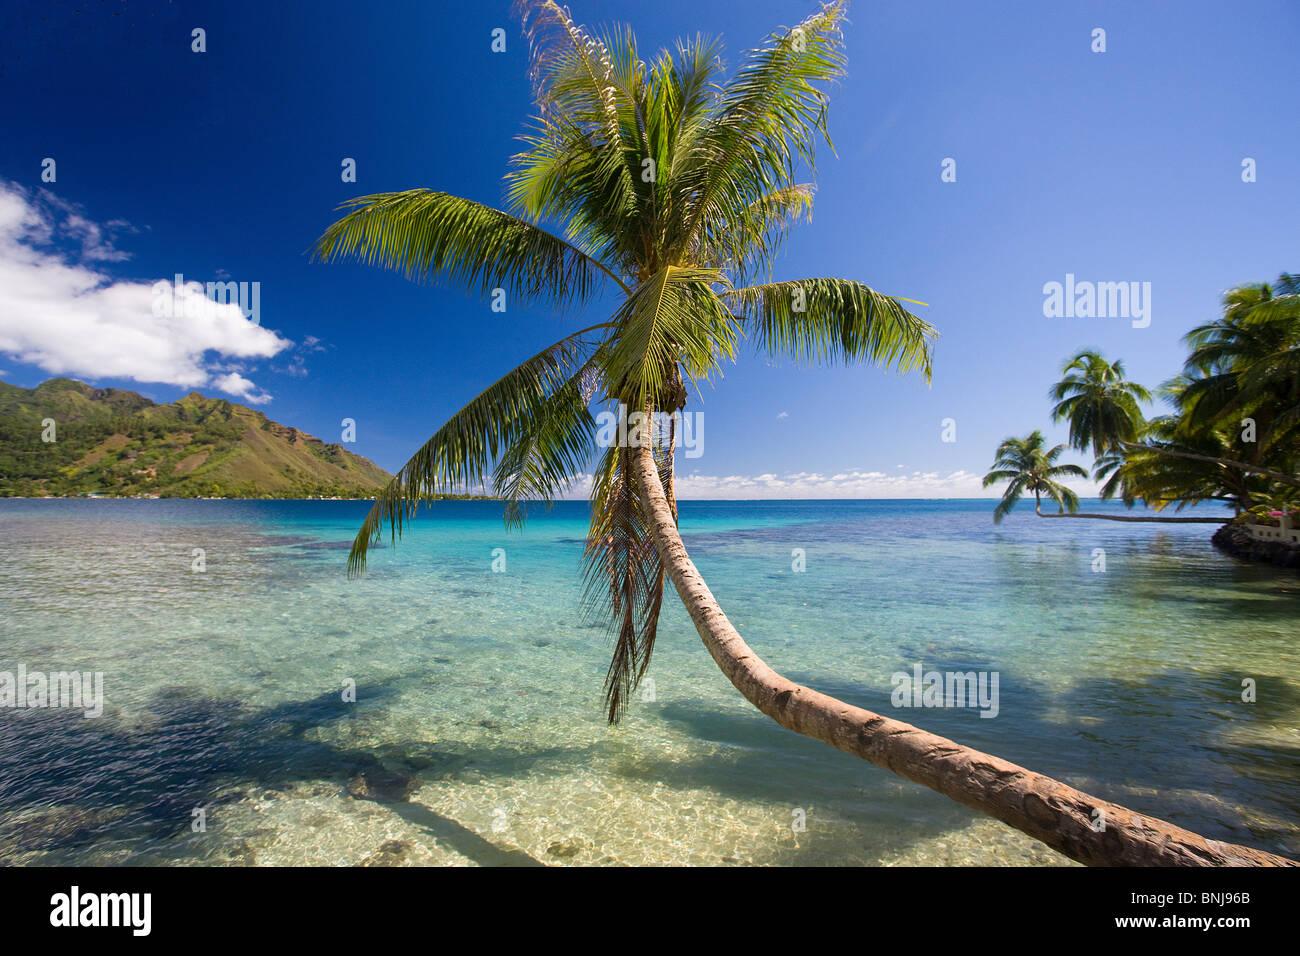 Tahiti Moorea Island Society Islands Society Islands Moorea